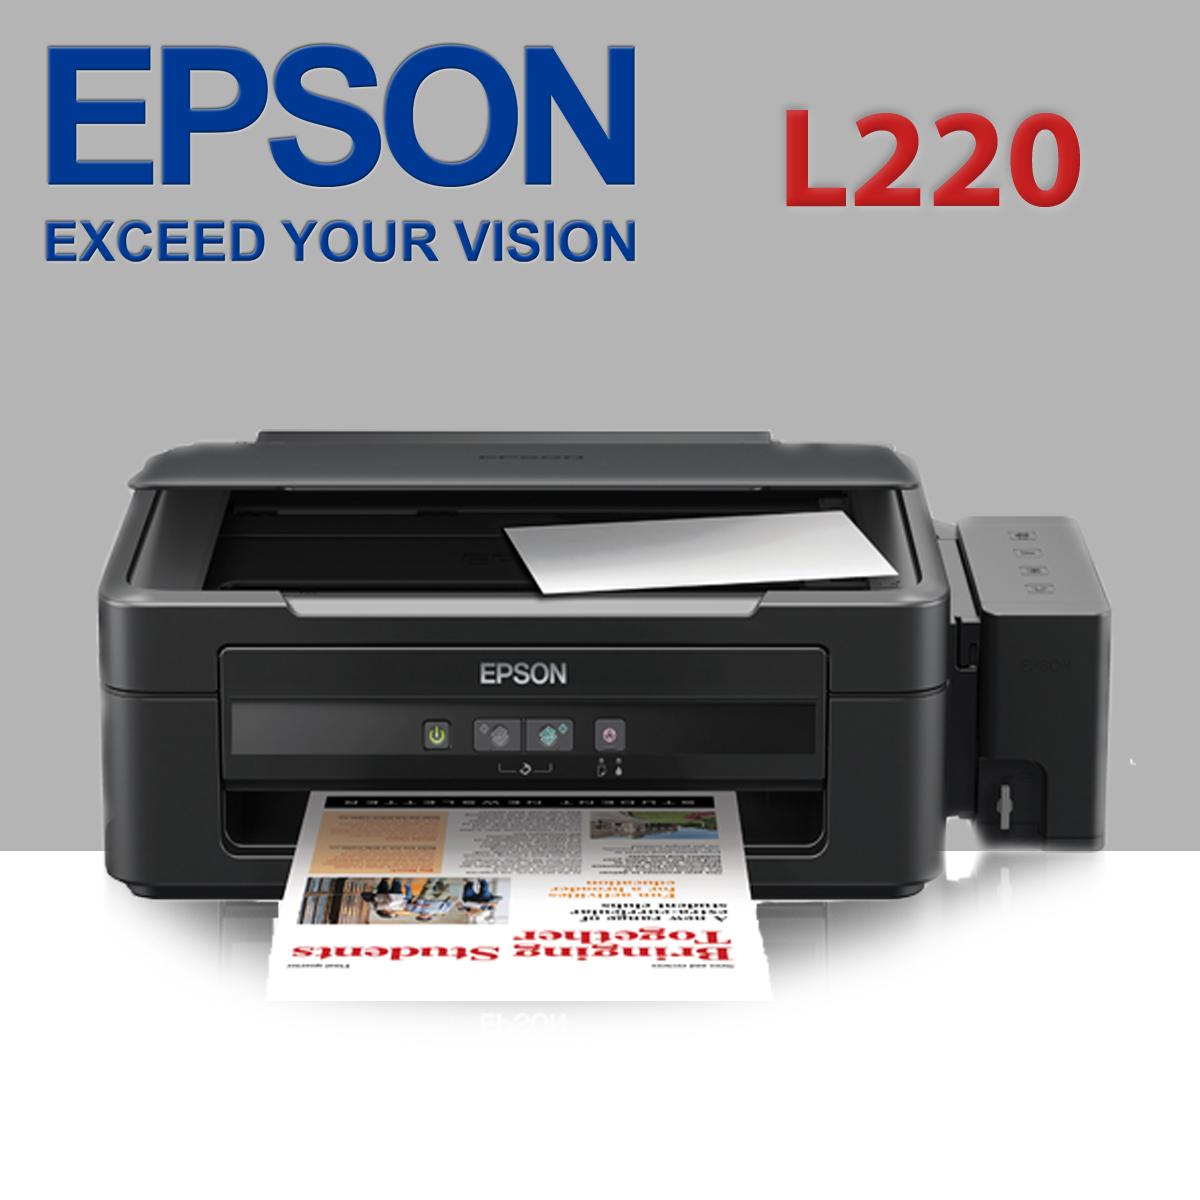 Epson L220